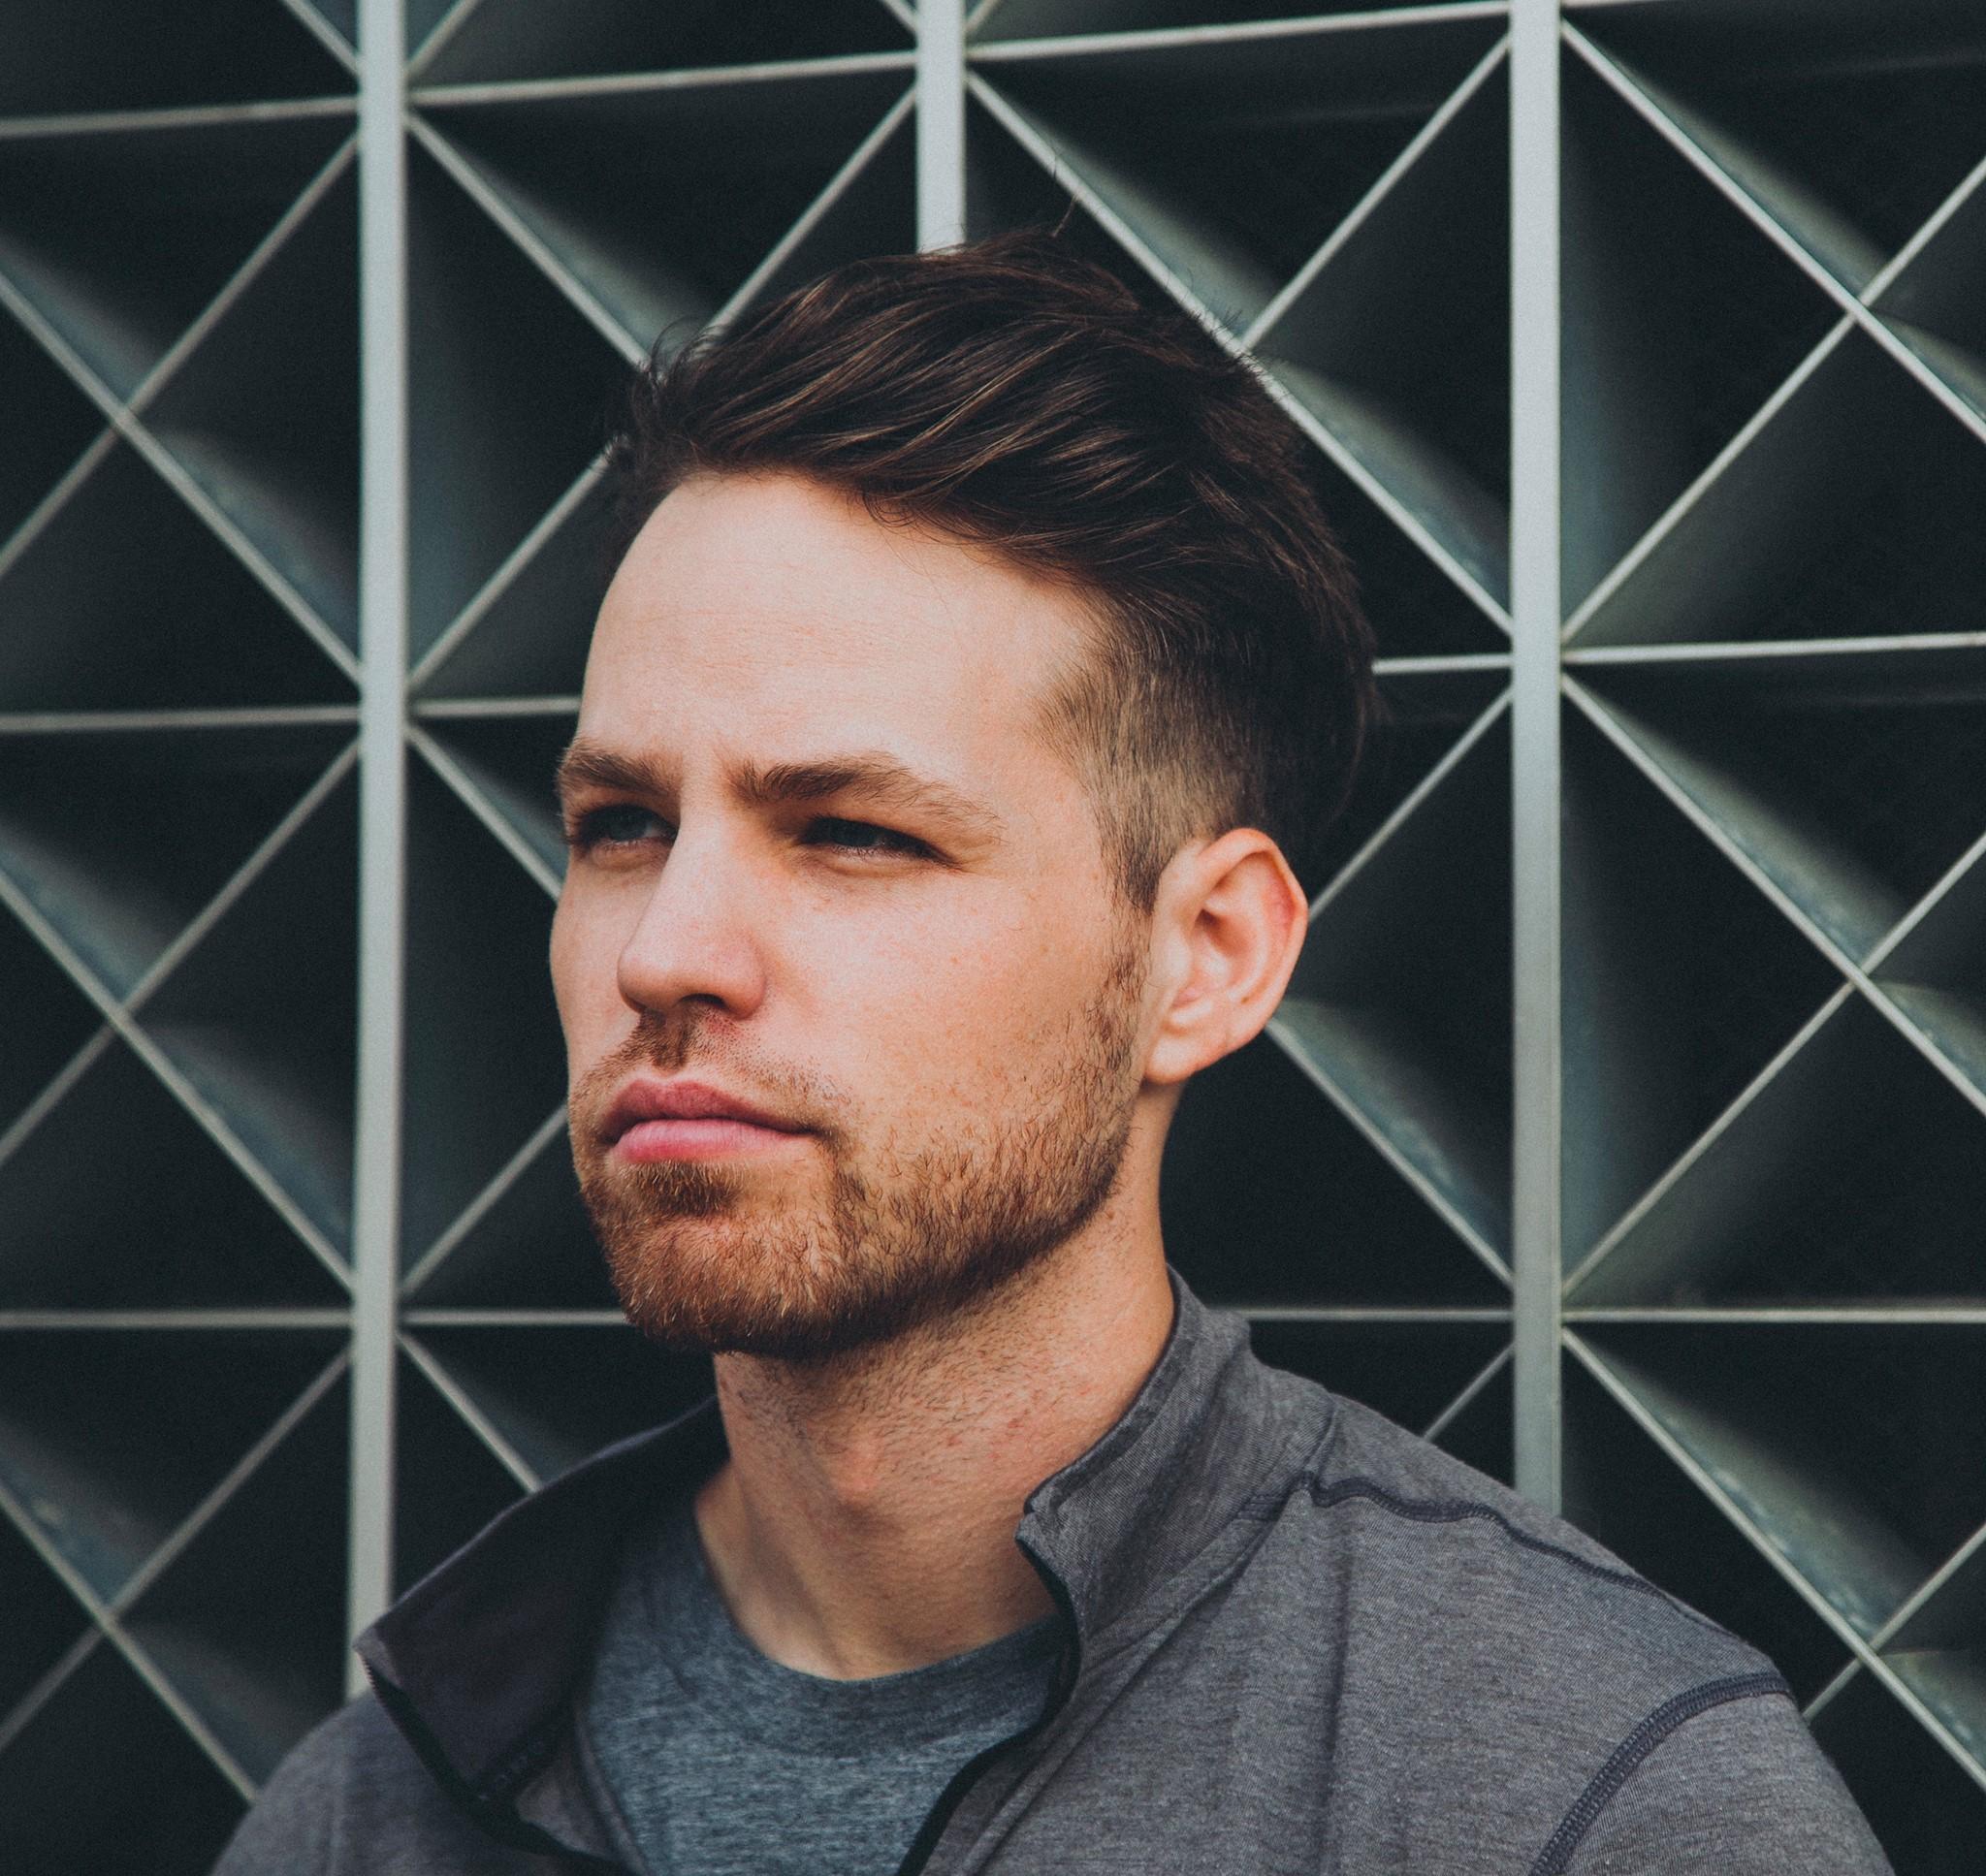 Ryan McCready